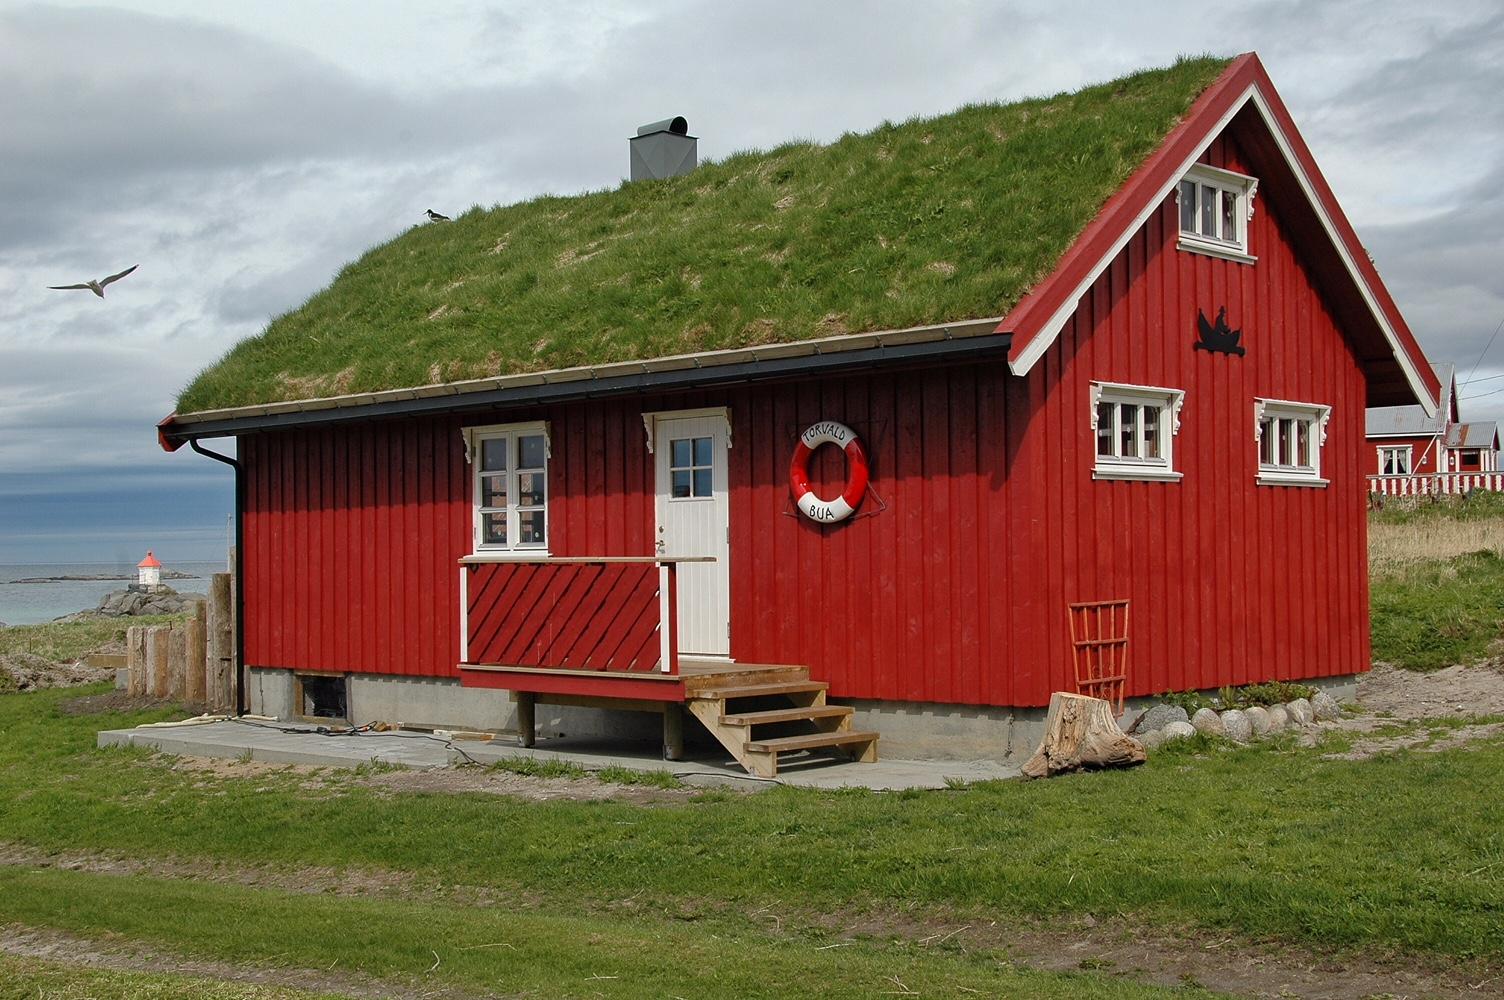 Abitazione tipica dell'arcipelago delle Lofoten (foto di Germana Cabrelle)